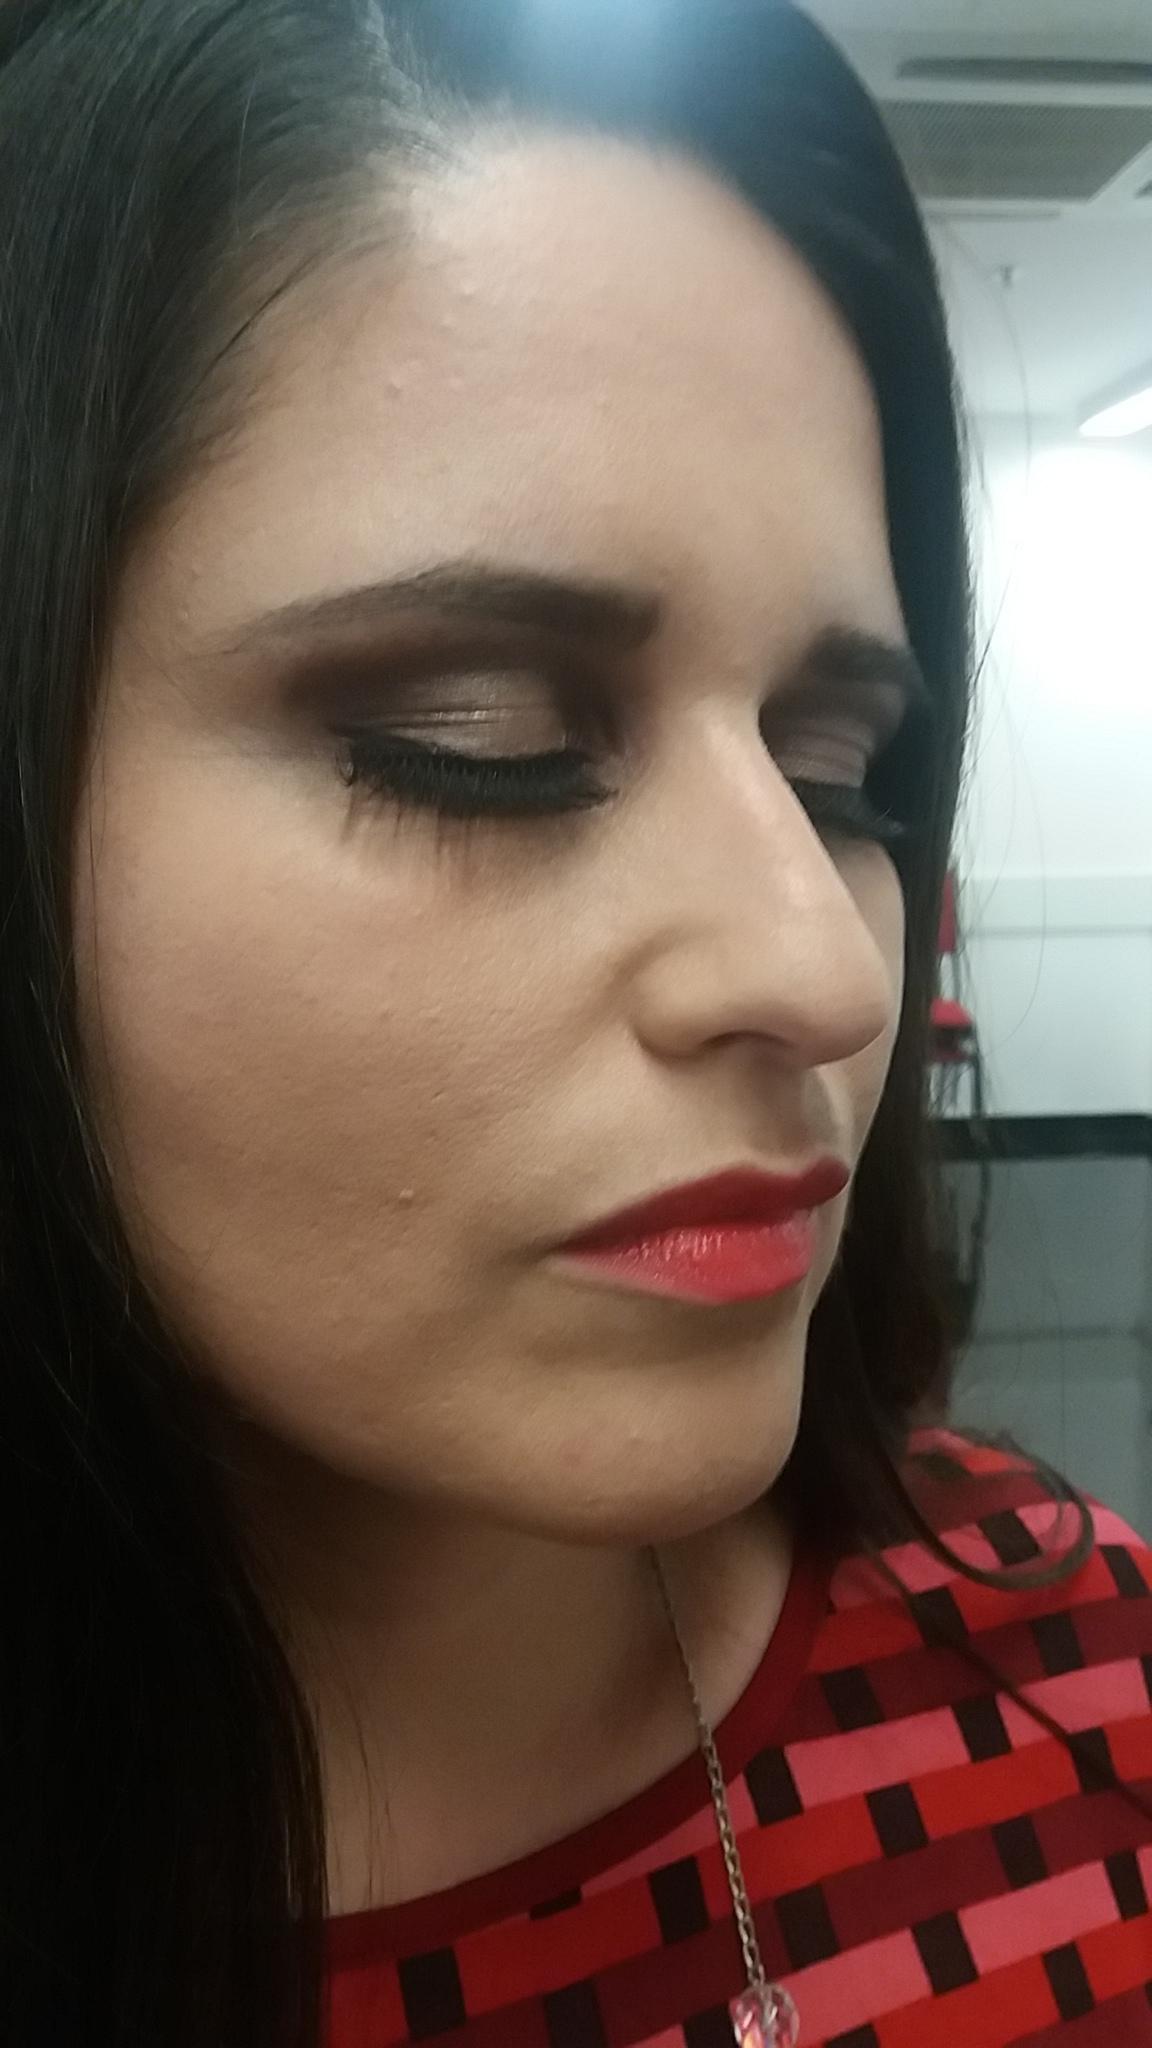 Pálpebra Luz com esfumafo, leve deliniado e com cílios postiços,  ótimo para casamentos e festas em geral.  maquiagem maquiador(a)